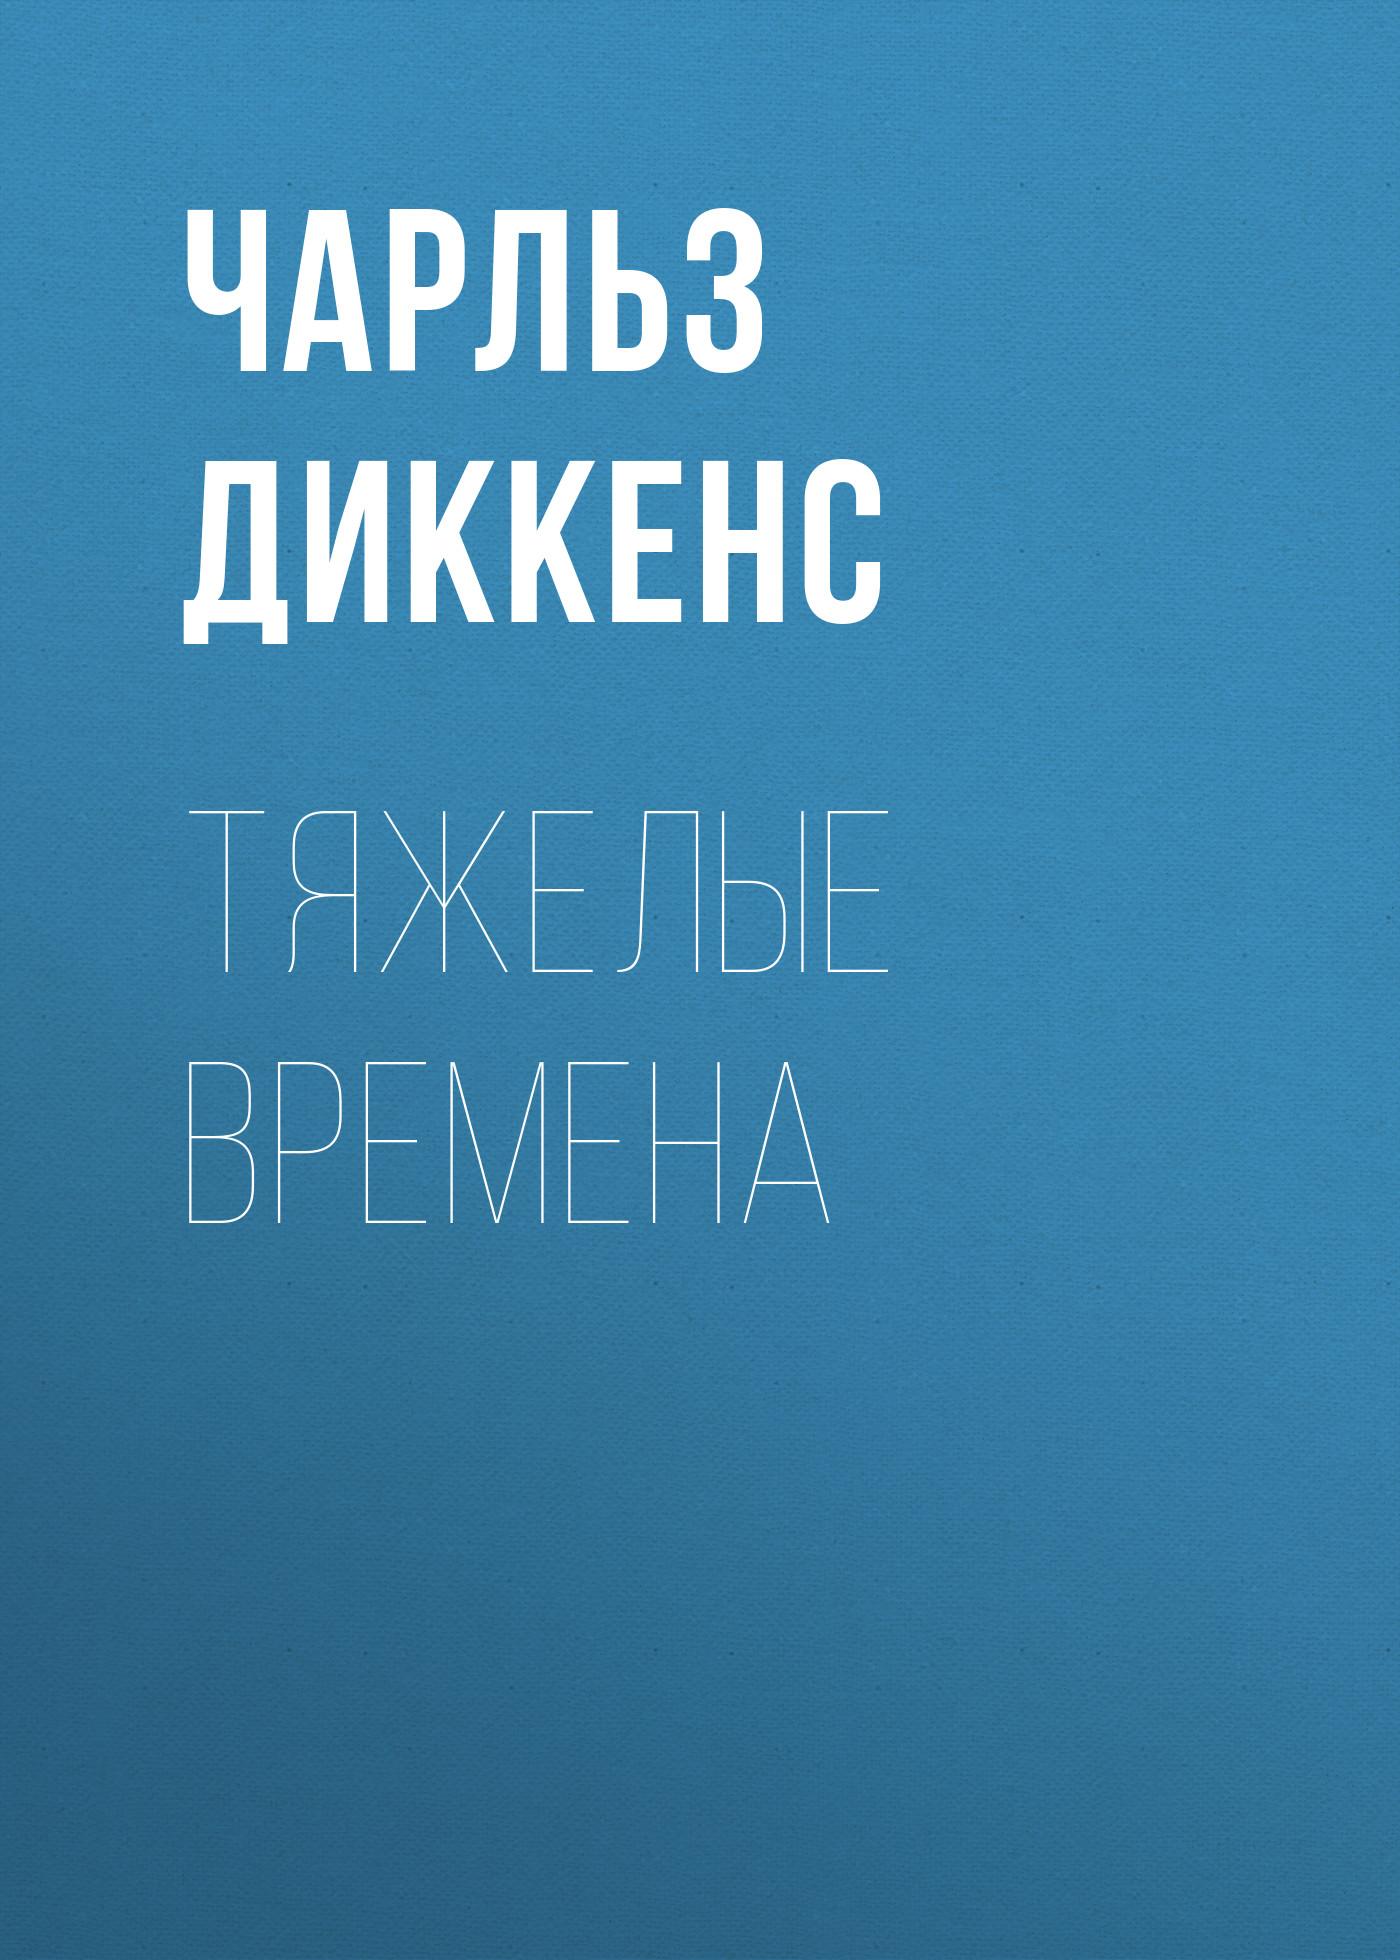 Купить книгу Тяжелые времена, автора Чарльза Диккенса